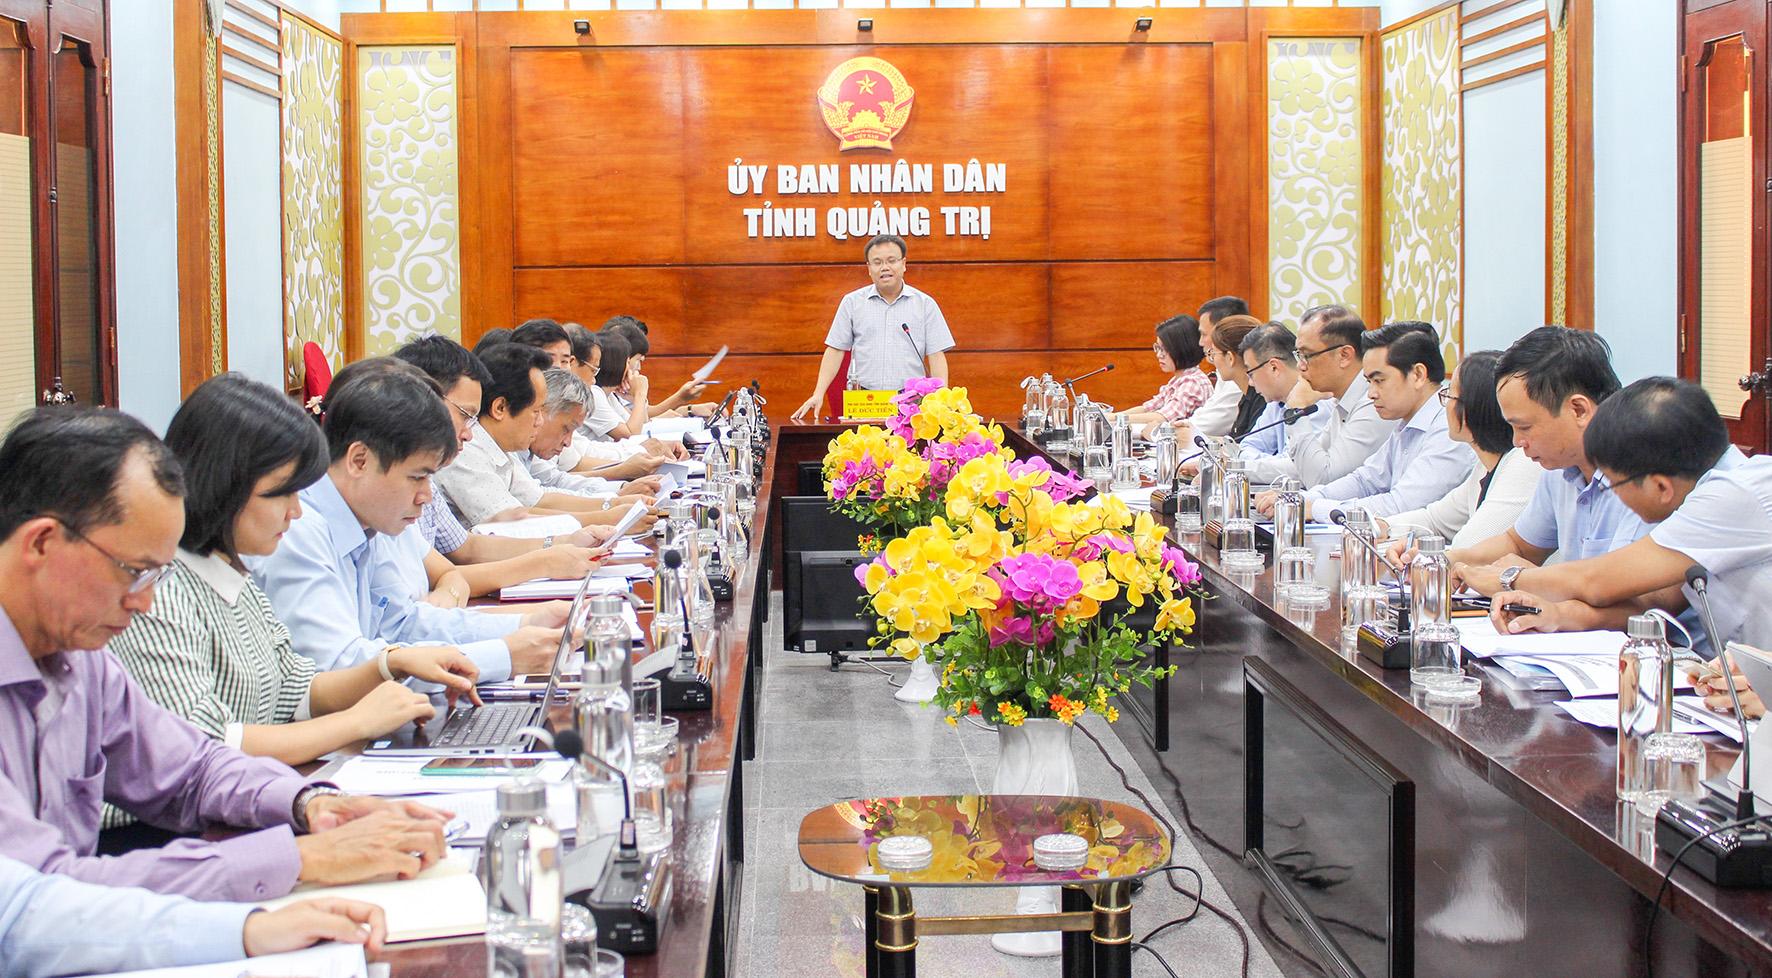 Quảng Trị Quyết tâm khởi công Dự án đầu tư phát triển hạ tầng Khu công nghiệp vào tháng 11 2020